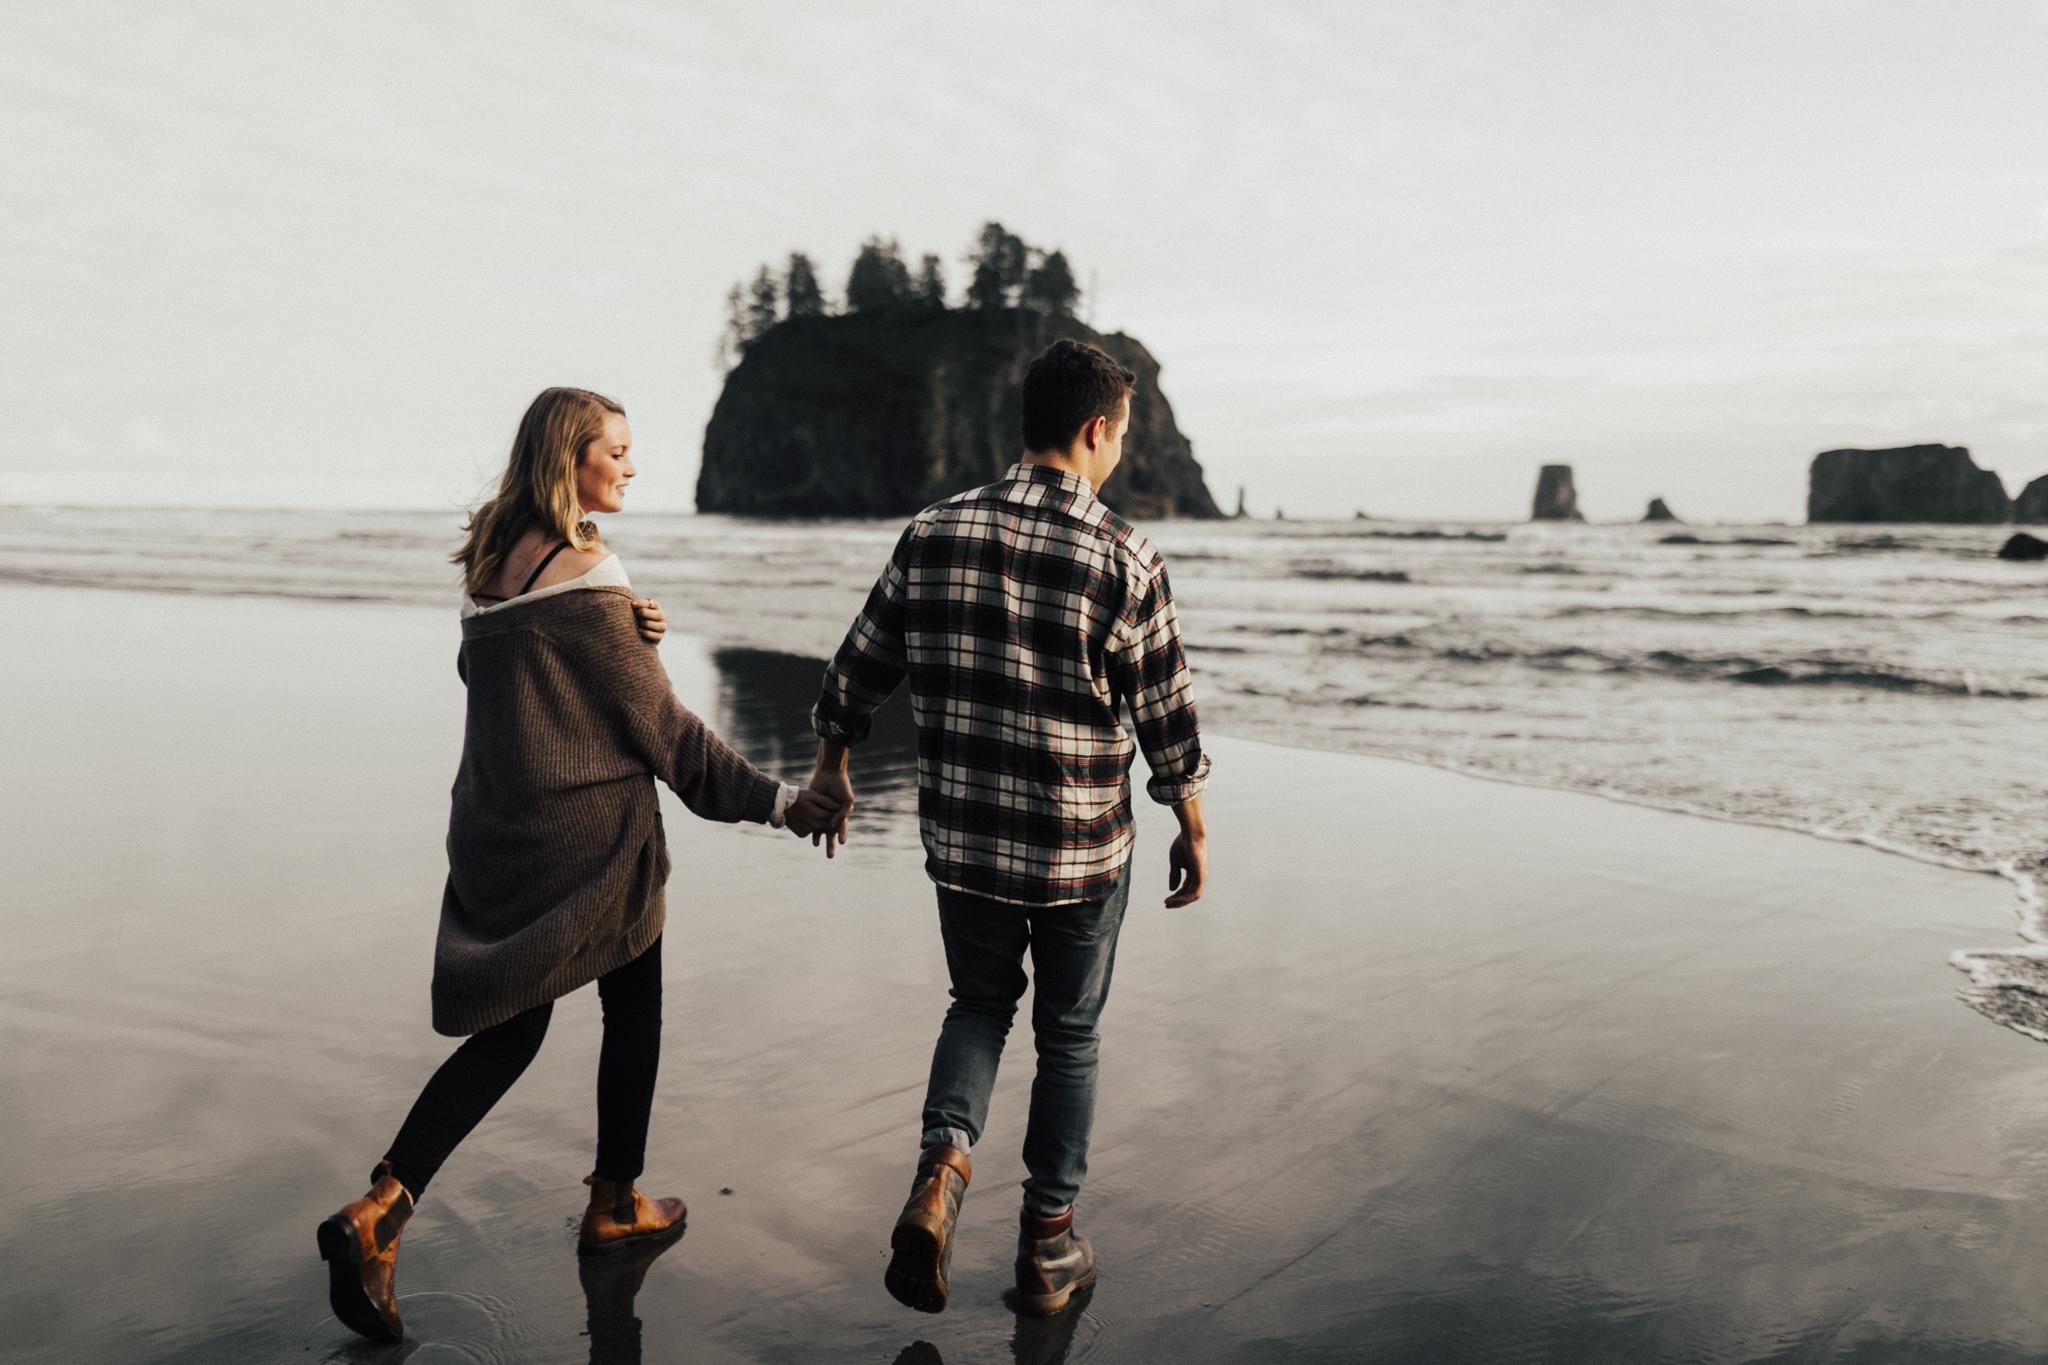 La_Push_Washington_Coast_Engagement-14.jpg